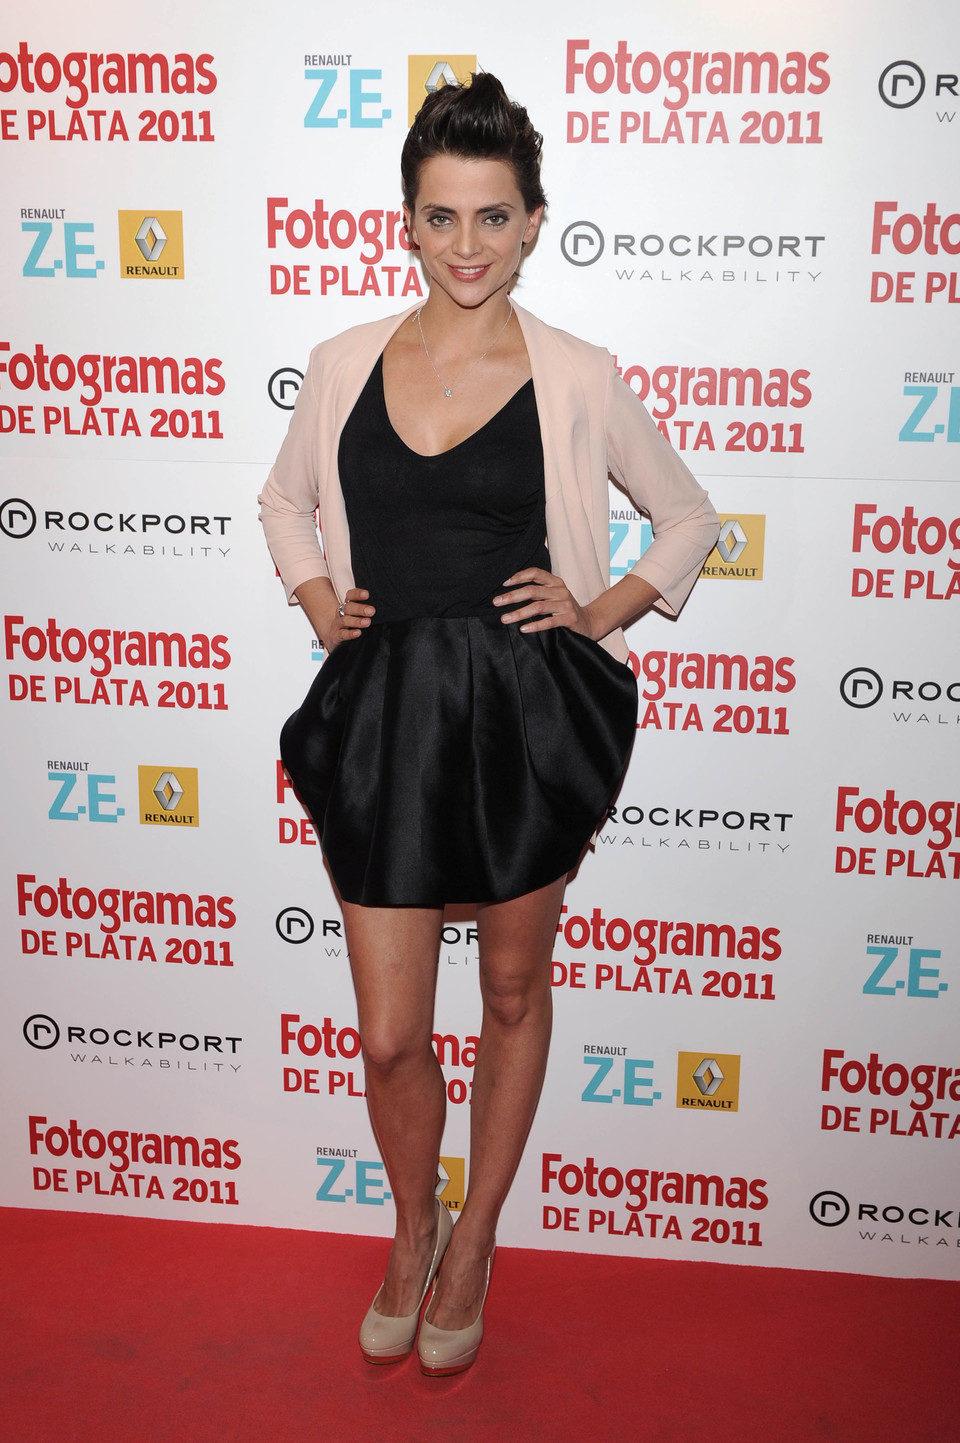 Macarena Gómez en los Fotogramas de Plata 2011